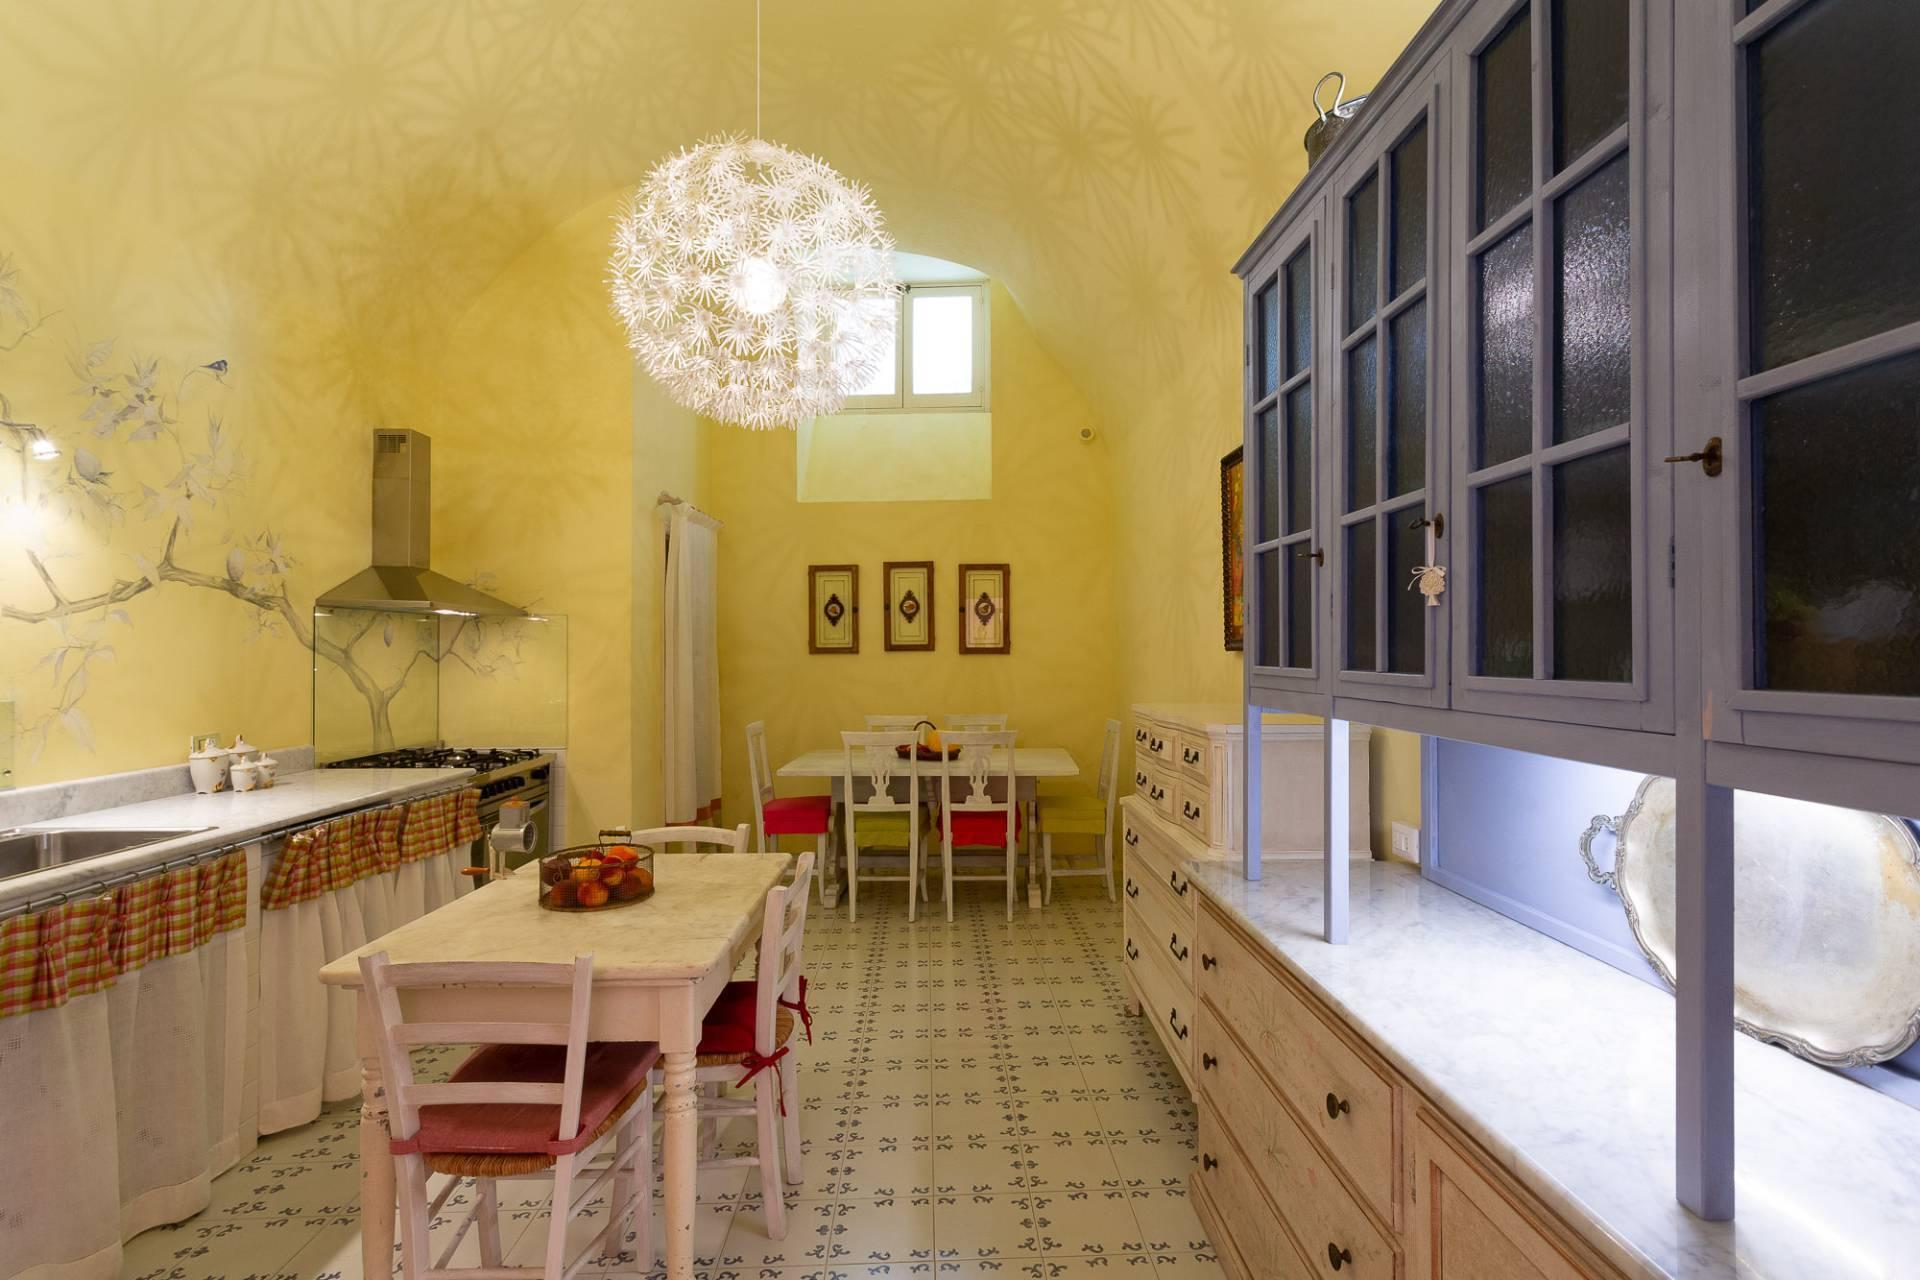 Esclusivo appartamento con terrazzo Immerso nel barocco modicano - 22